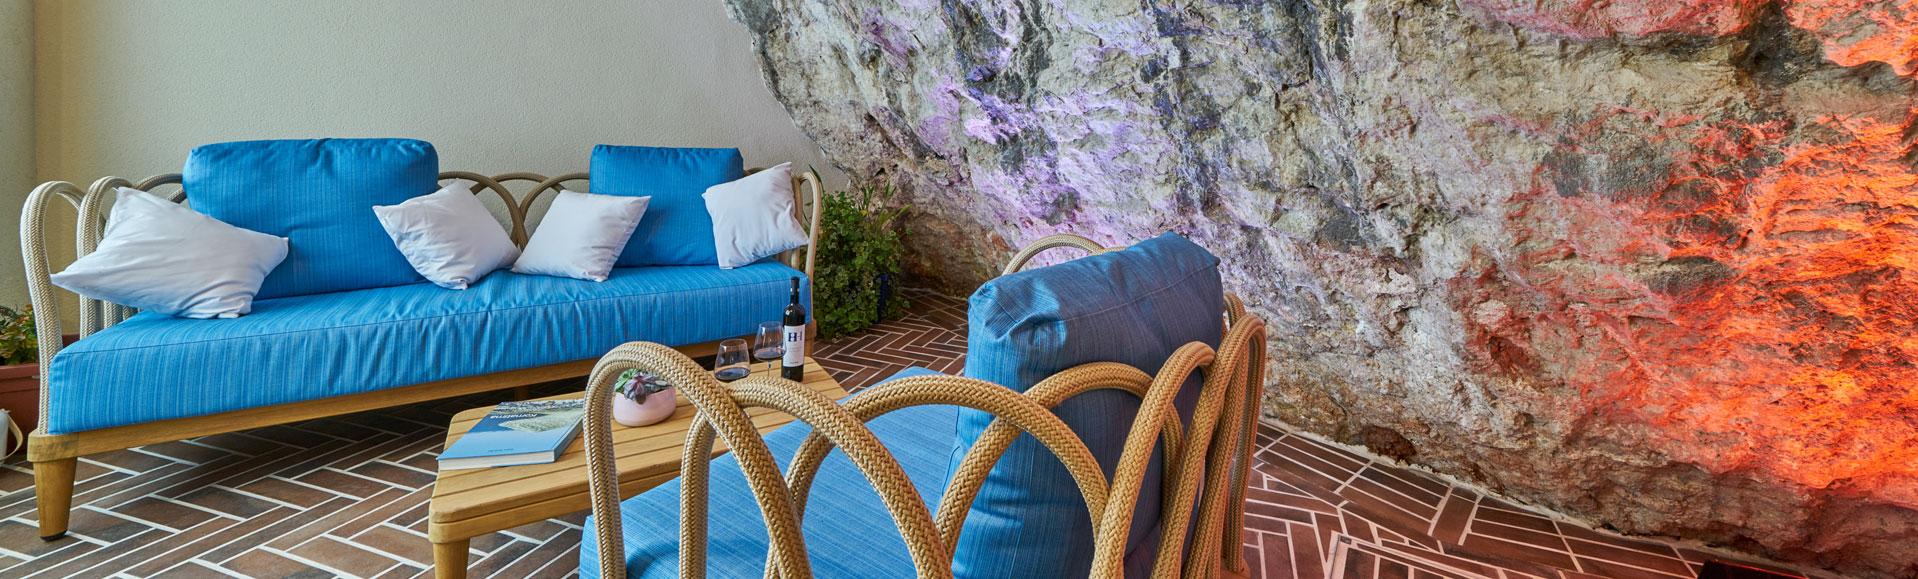 lounge-villa-pergola